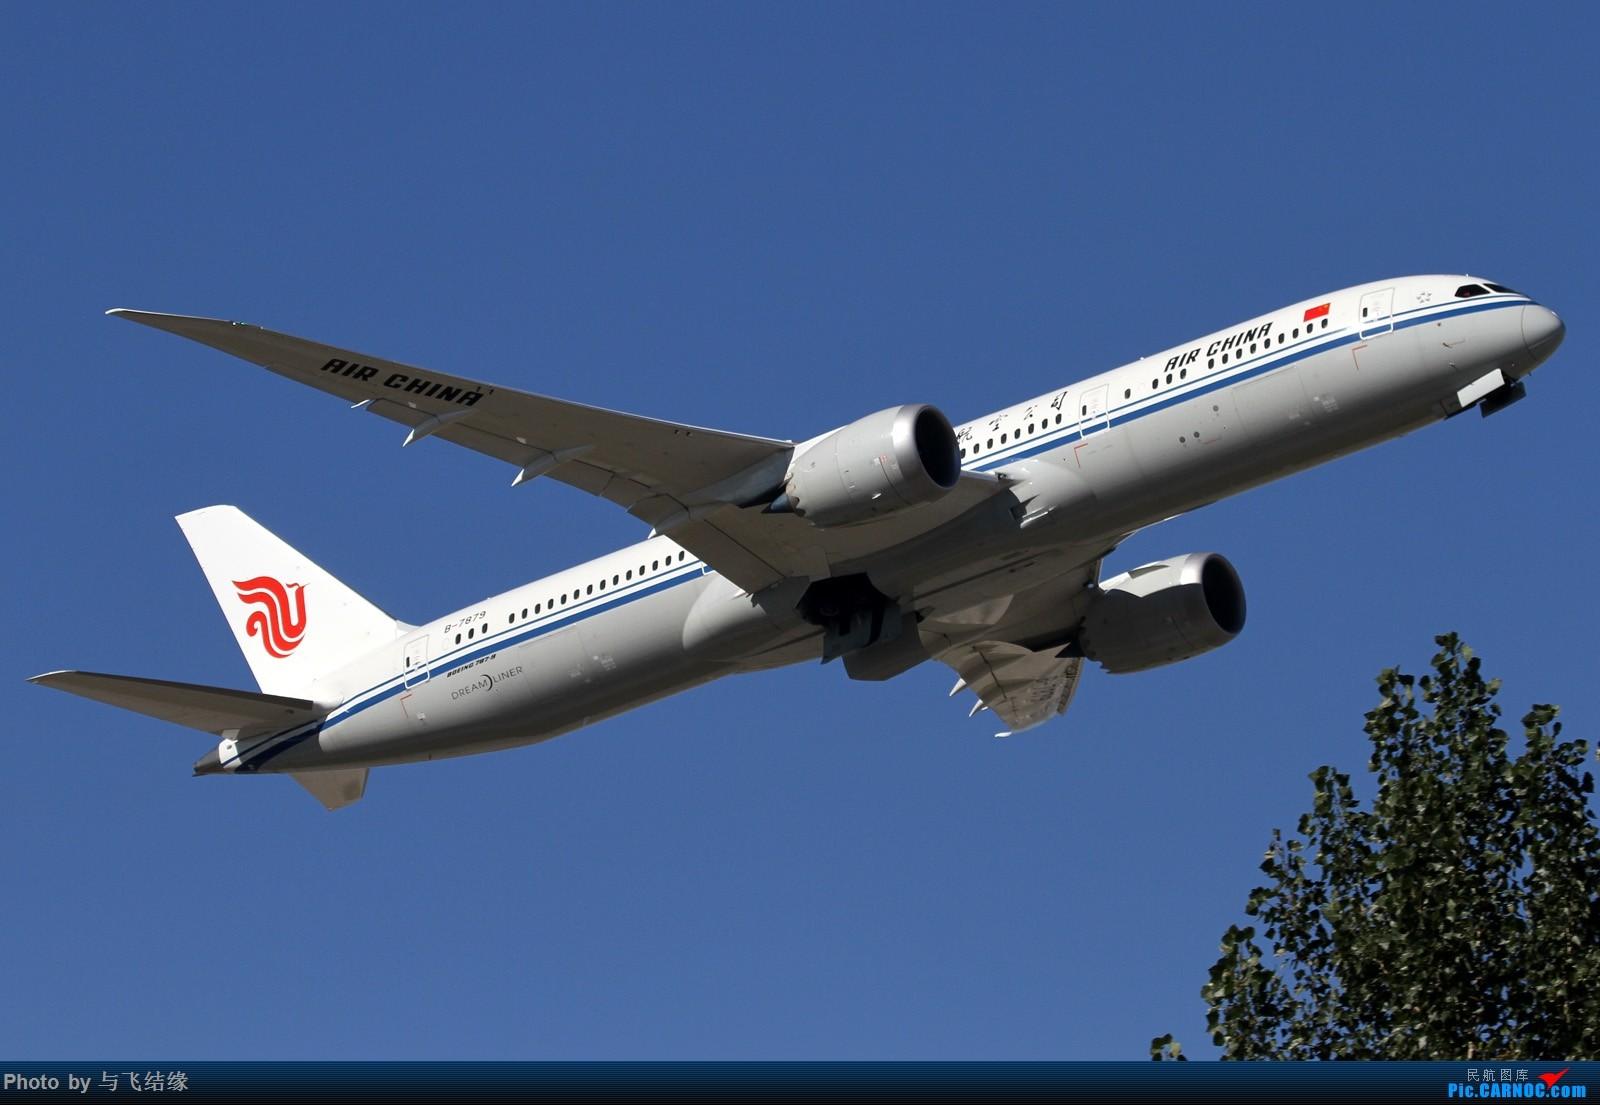 [原创]今日执飞CA651航班的Boeing 787-9,B-7879梦想飞机。 BOEING 787-9 B-7879 中国北京首都国际机场